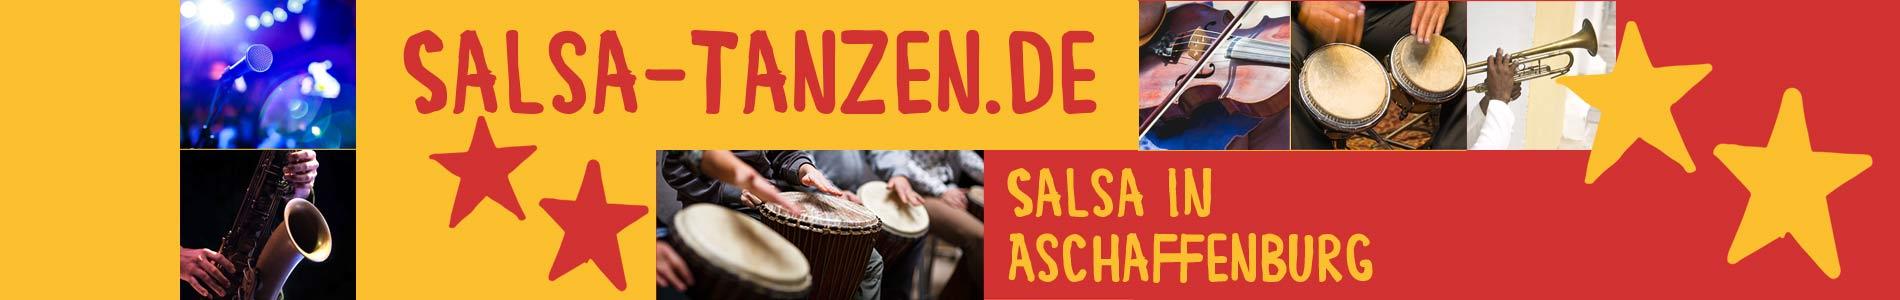 Salsa in Aschaffenburg – Salsa lernen und tanzen, Tanzkurse, Partys, Veranstaltungen